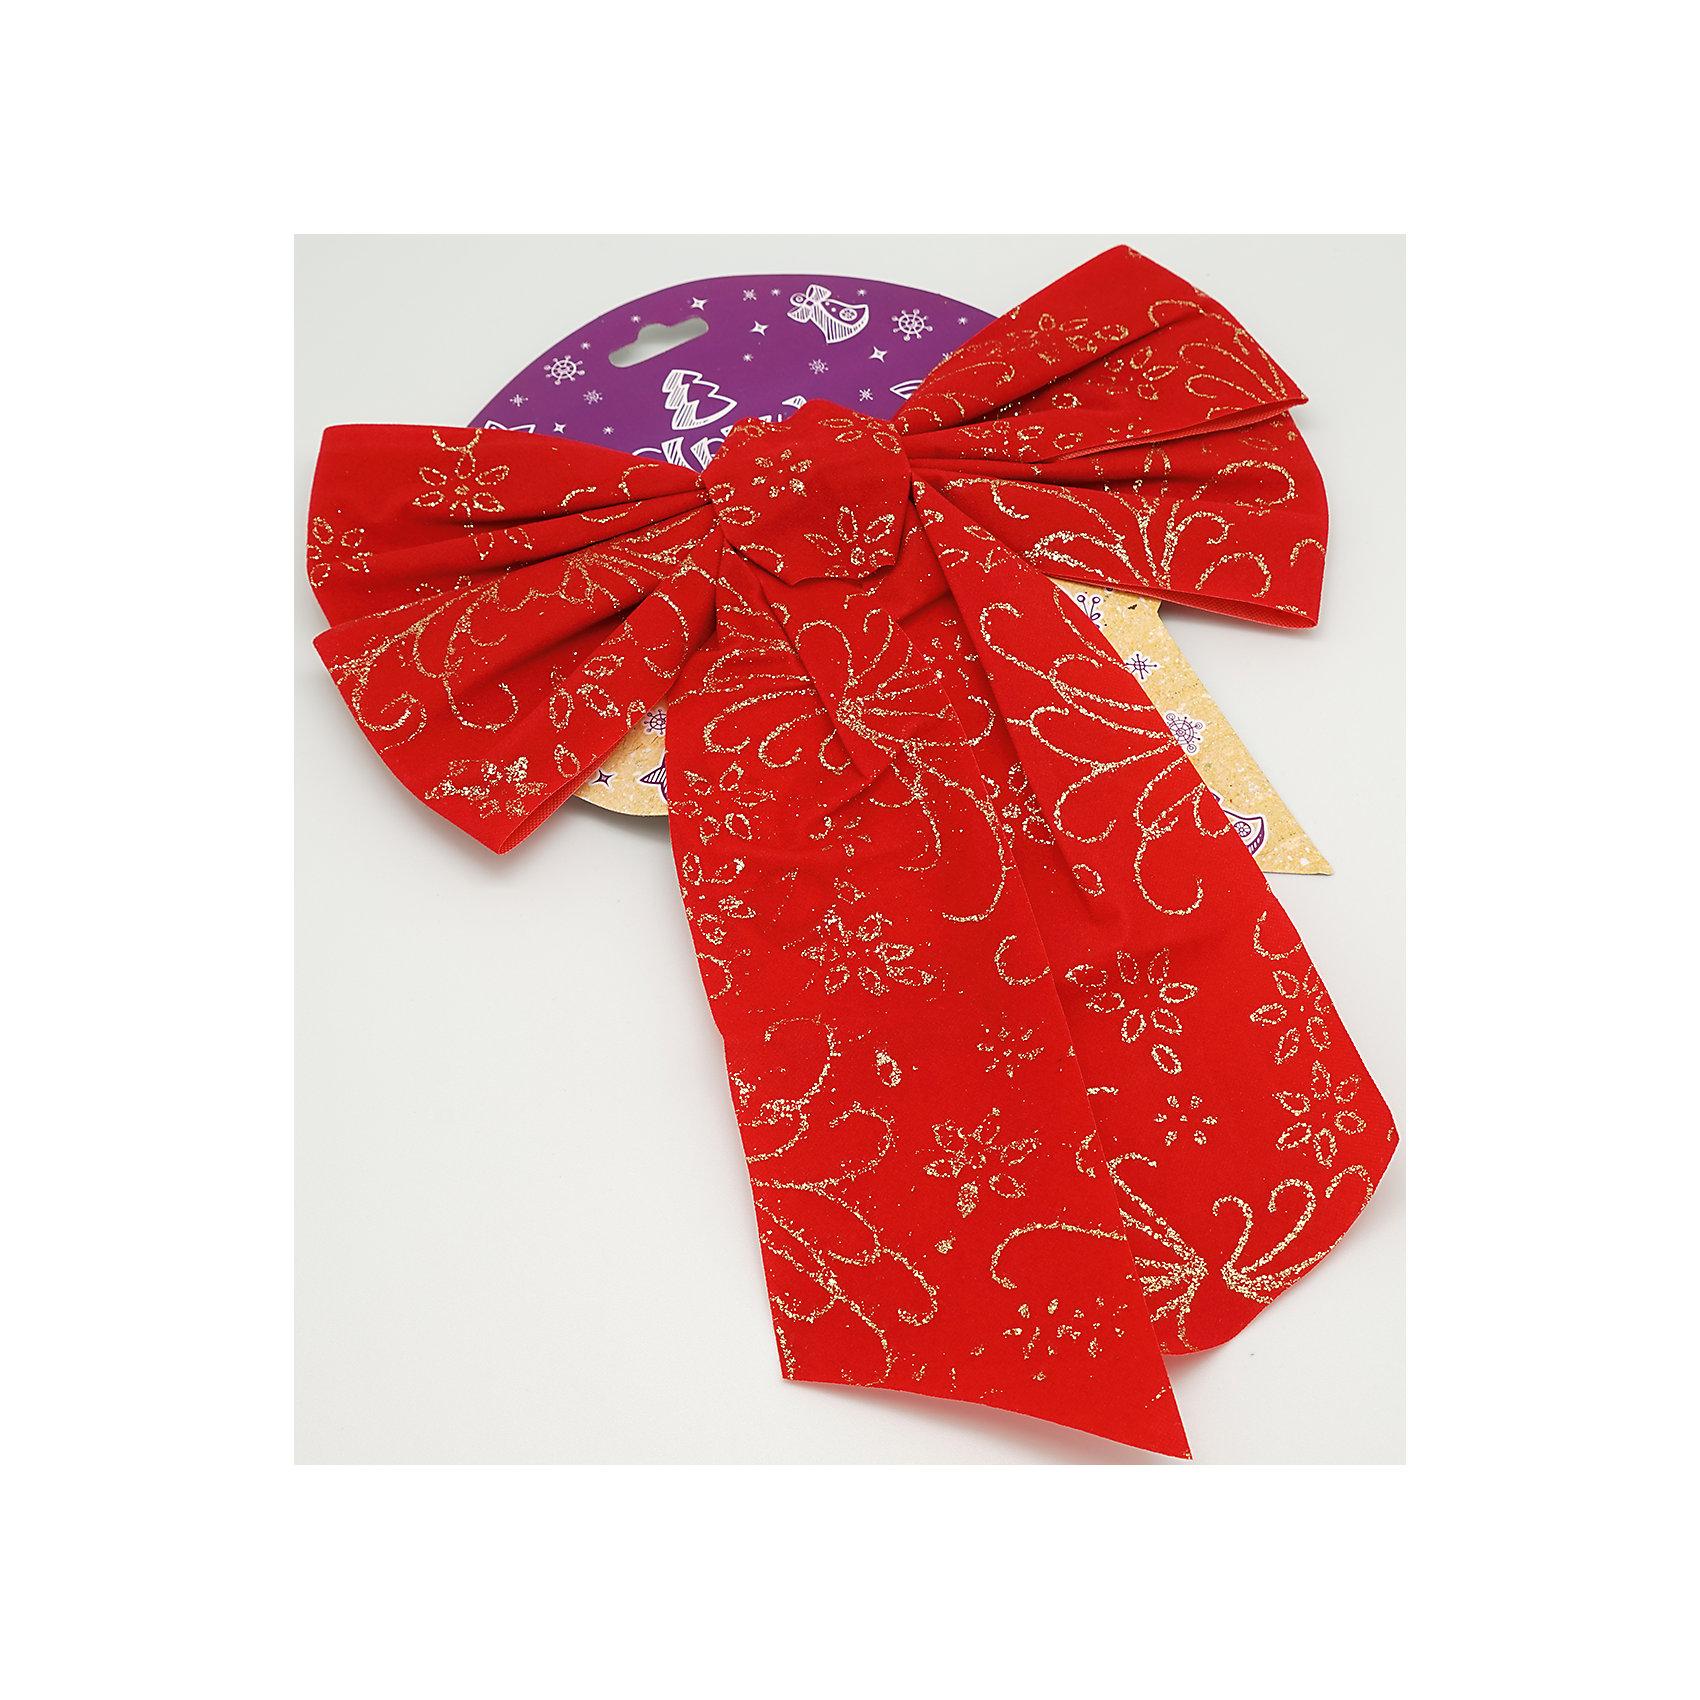 Красный бархатный бант 17 смВсё для праздника<br>Характеристики товара:<br><br>• цвет: красный<br>• размер банта: 17 см<br>• размер упаковки: 27х17х1 см<br>• комплектация: 1 шт<br>• материал: нейлон<br>• фактура: под бархат<br>• для украшения интерьера или подарков<br>• страна производства: Китай<br><br>Бант - это универсальное украшение, он добавит торжественности и духа праздника прическе, интерьеру, подарочной упаковке, ёлке! Это украшение будет отлично смотреться в окружении любой цветовой гаммы, оно качественно выполнено и нарядно смотрится. С помощью такого банта можно оригинально украсить квартиру к празднику и декорировать пакет или коробку с подарком.<br>Такие небольшие детали и создают праздник! От них во многом зависит хорошее новогоднее настроение. Изделие производится из качественных сертифицированных материалов, безопасных даже для самых маленьких.<br><br>Бант бархат красный (0,27Х0,17Х0,01 м) можно купить в нашем интернет-магазине.<br><br>Ширина мм: 290<br>Глубина мм: 170<br>Высота мм: 10<br>Вес г: 50<br>Возраст от месяцев: 72<br>Возраст до месяцев: 480<br>Пол: Унисекс<br>Возраст: Детский<br>SKU: 5051632